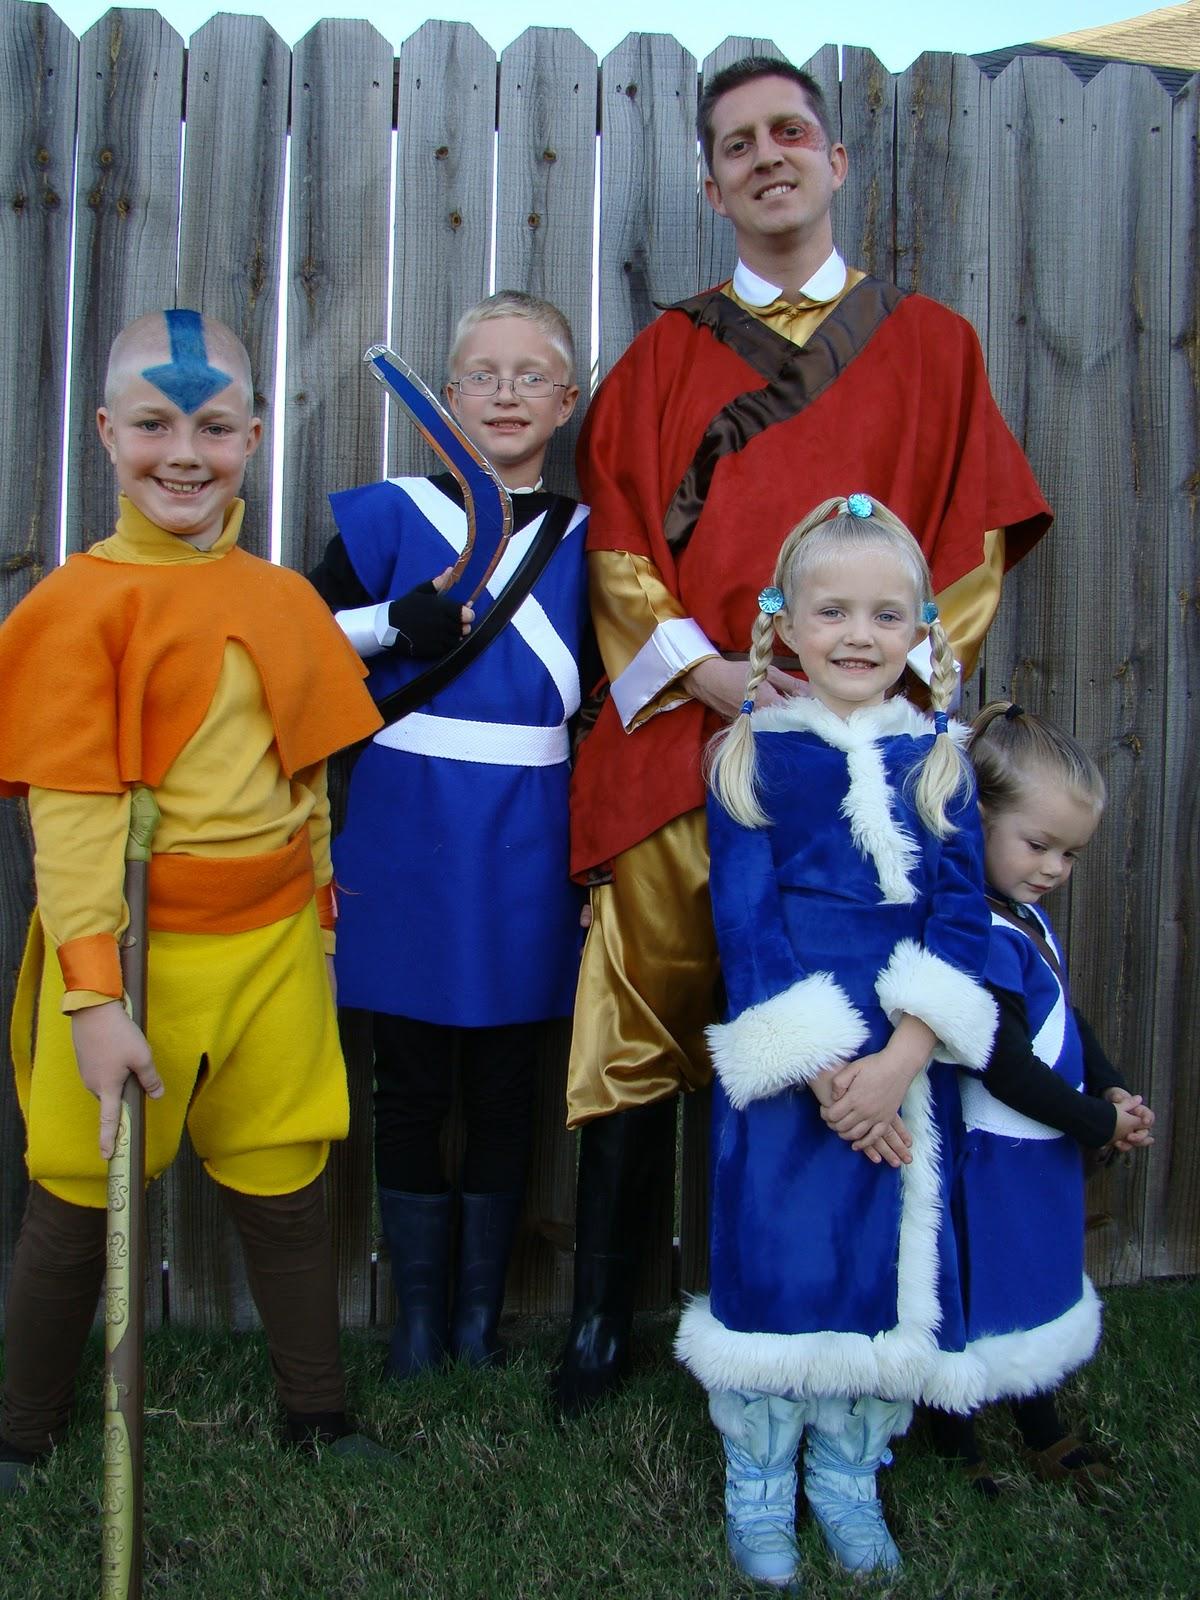 patterson a-team: an avatar halloween!